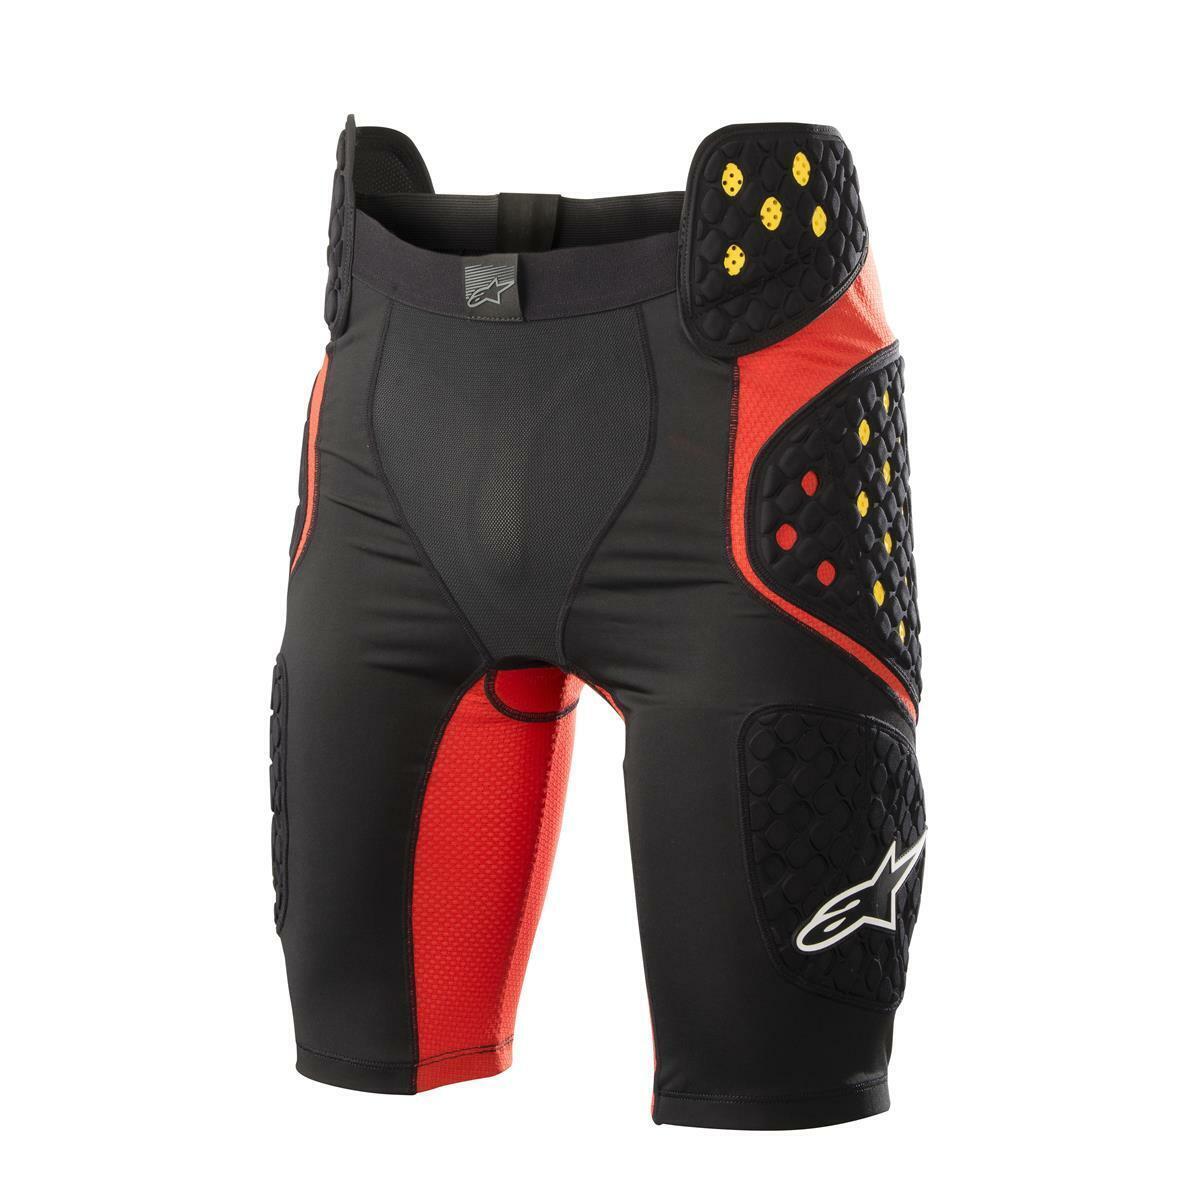 Alpinestars Projoektor-short Bionic Pro negro rojo